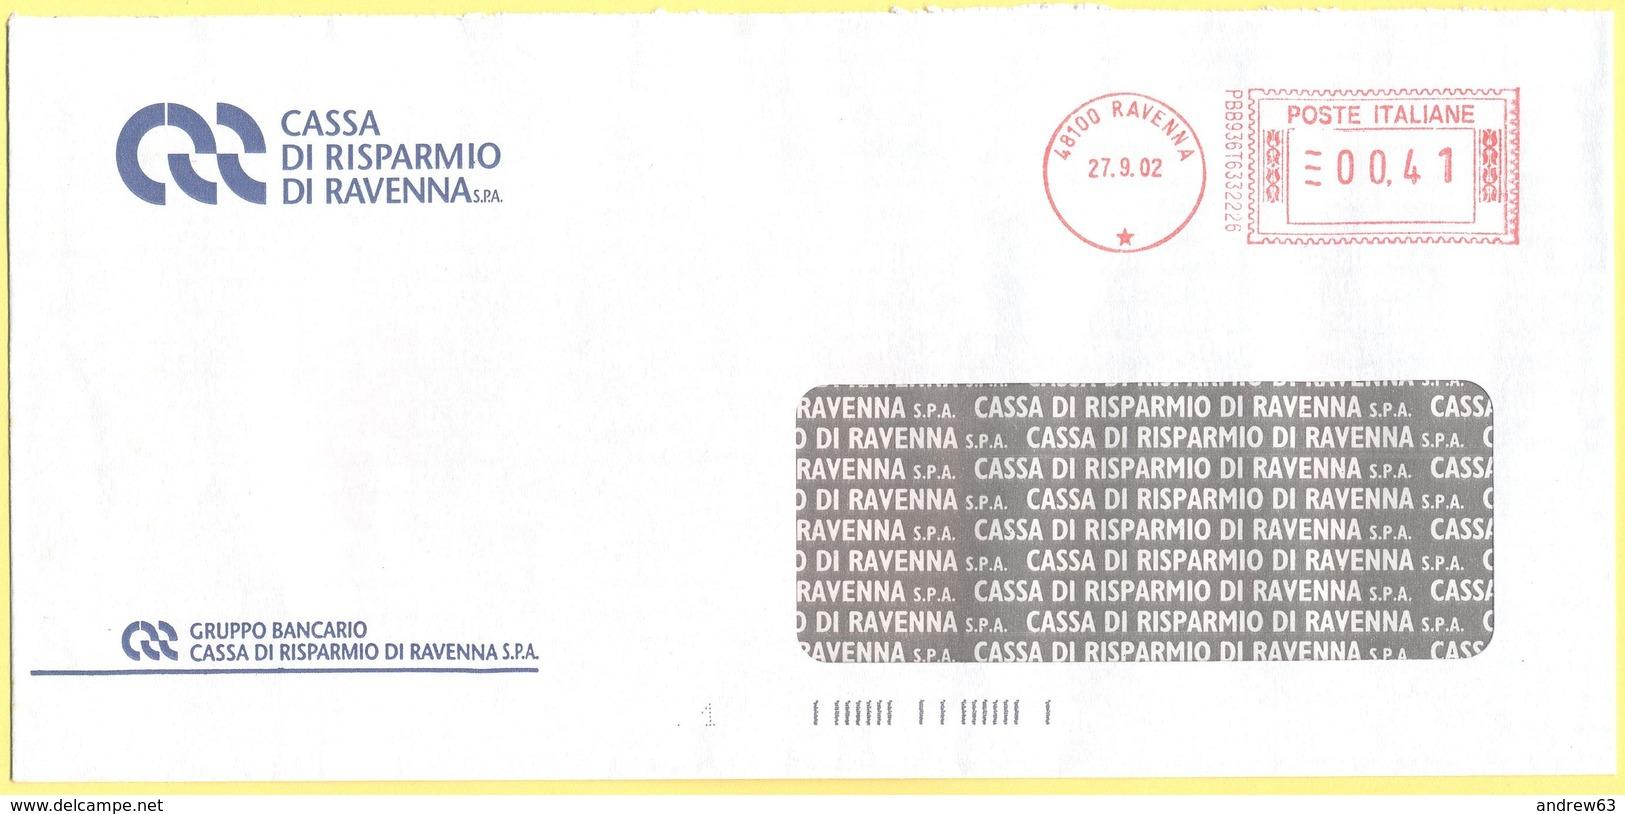 ITALIA - ITALY - ITALIE - 2002 - 00,41€ EMA, Red Cancel - Cassa Di Risparmio Di Ravenna - Viaggiata Da Ravenna - Affrancature Meccaniche Rosse (EMA)